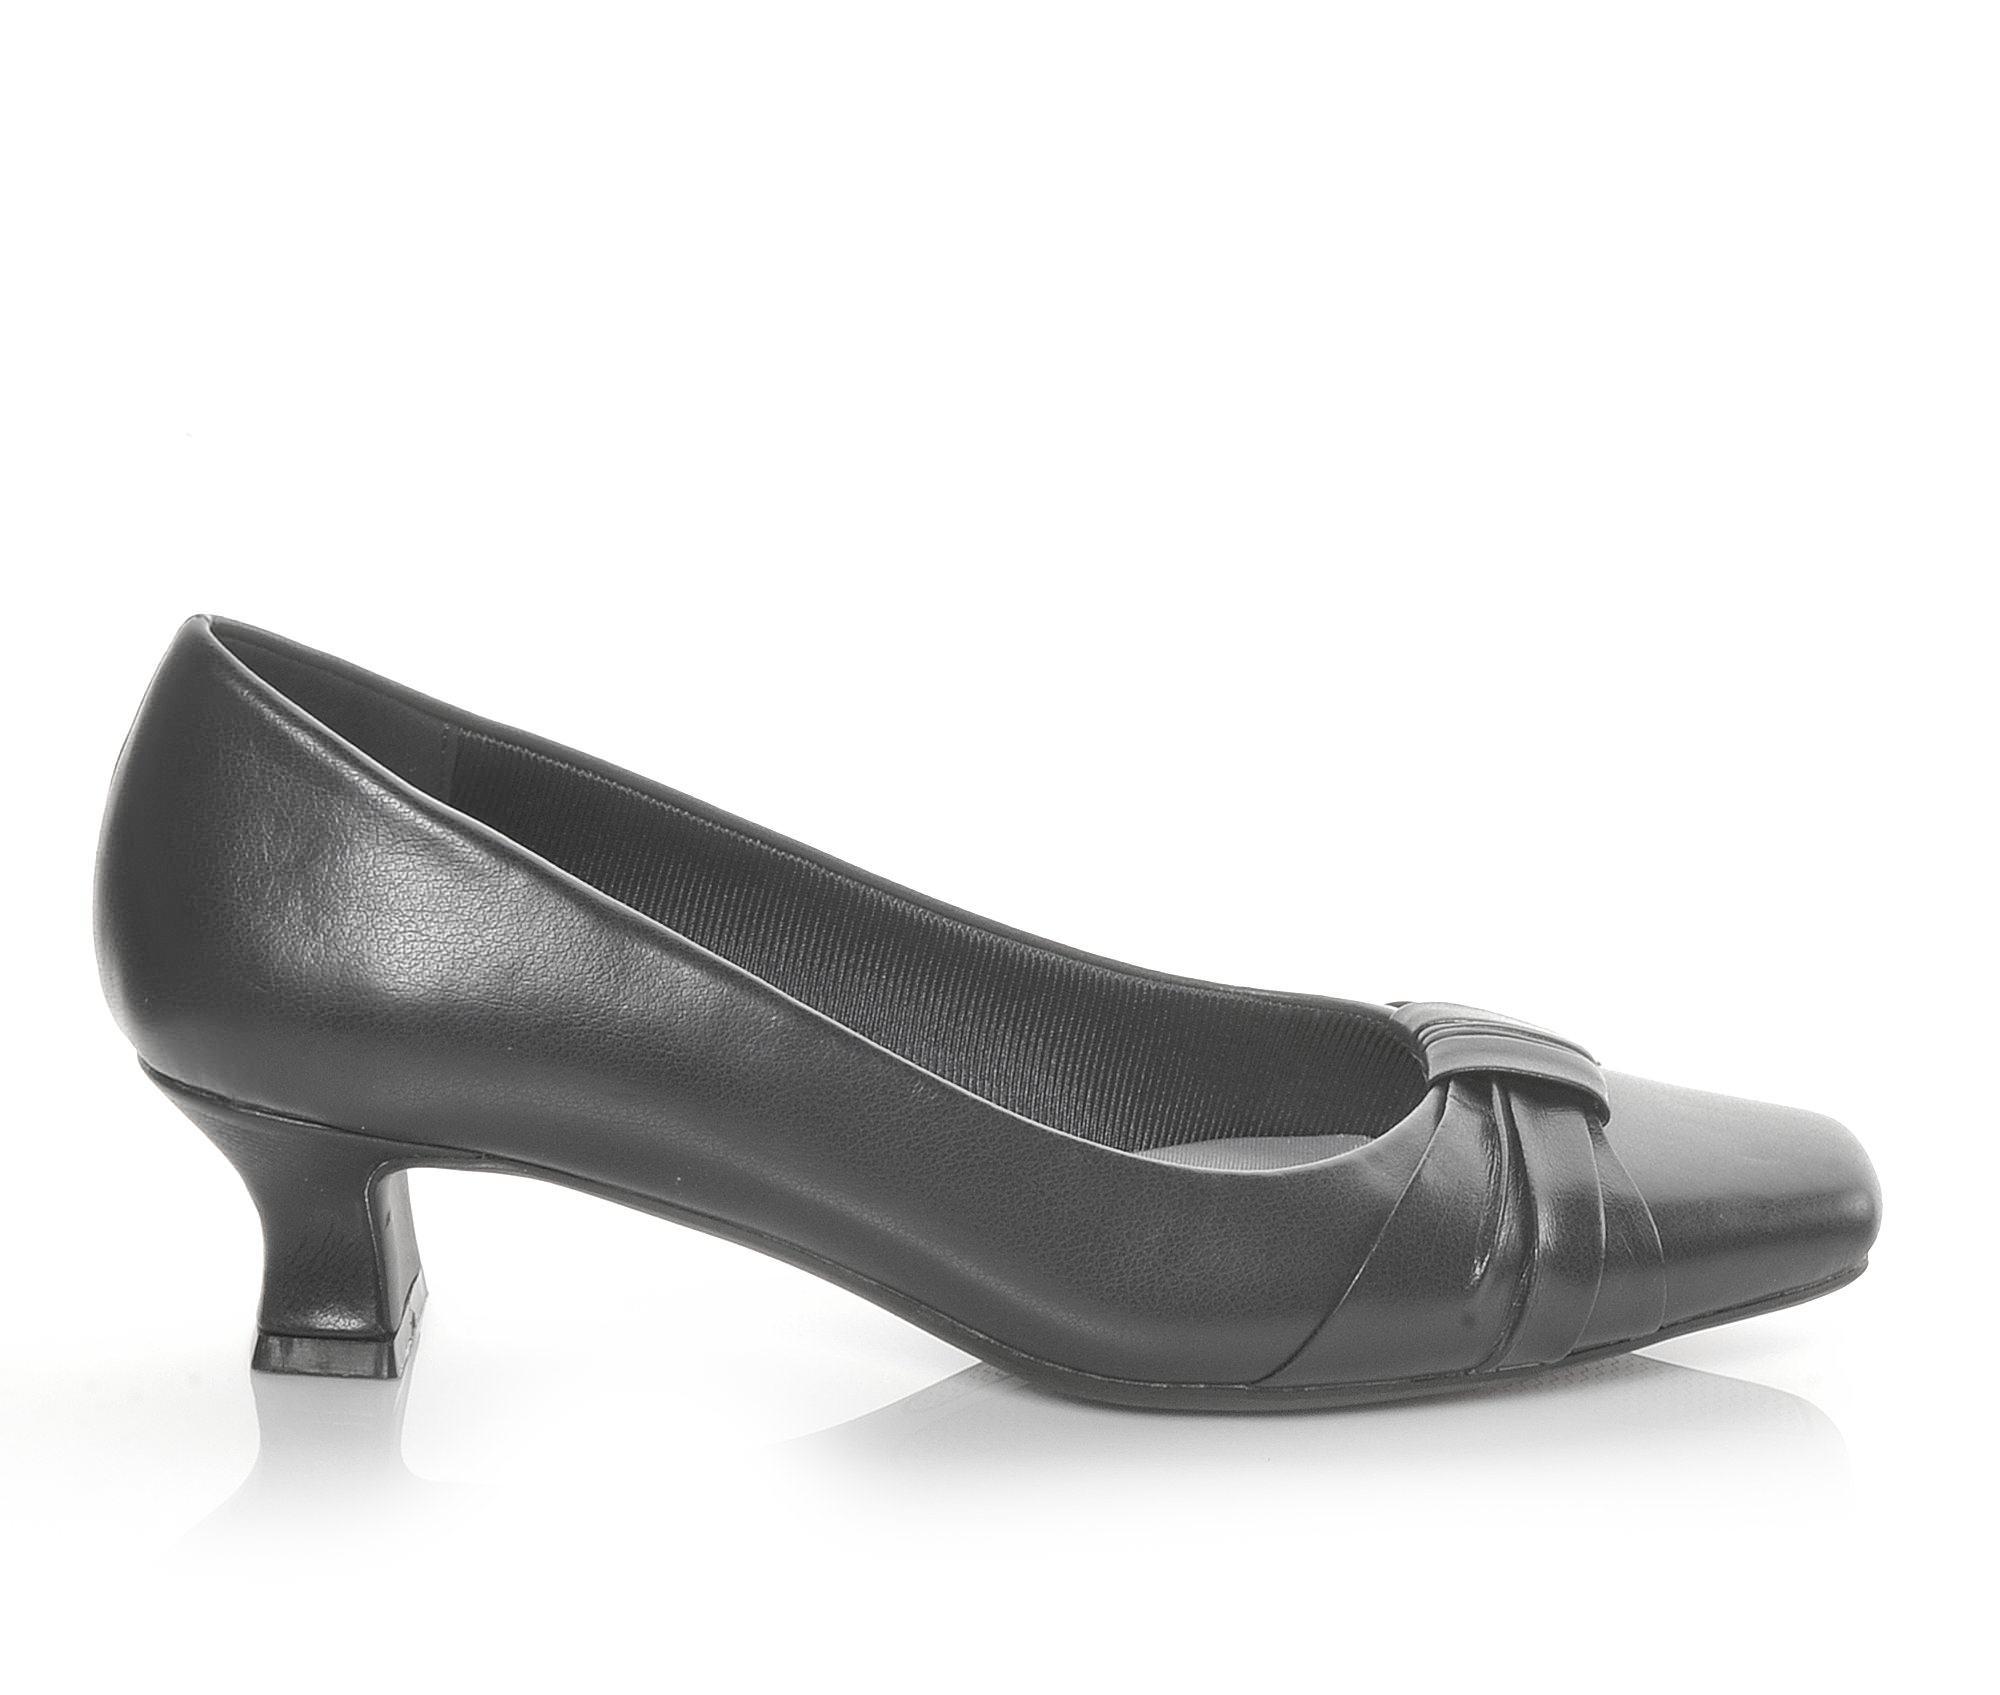 Easy Street Waive Women's Dress Shoe (Black Faux Leather)